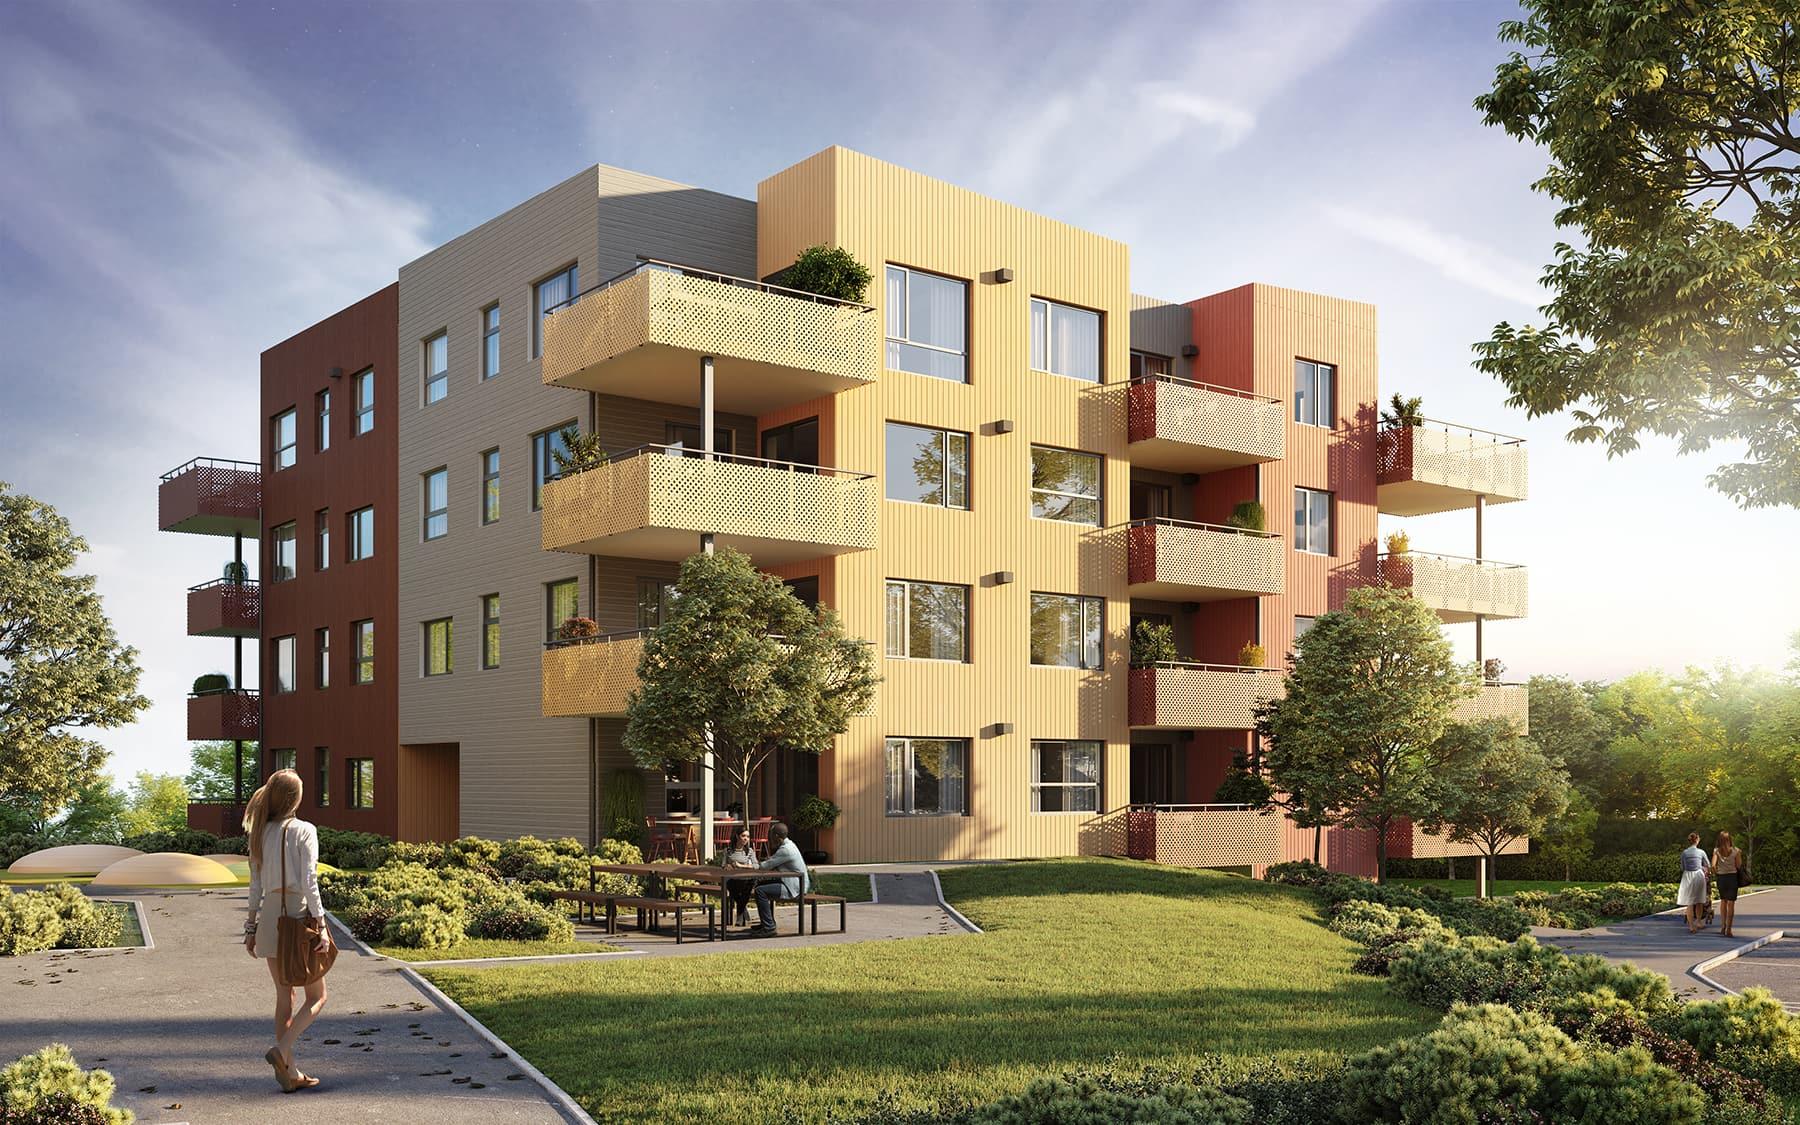 Fasadebilde av blokk C2 på byggetrinn 6 på Reppetoppen. Ettermiddagssol sommerstemning. 3D-illustrasjon.